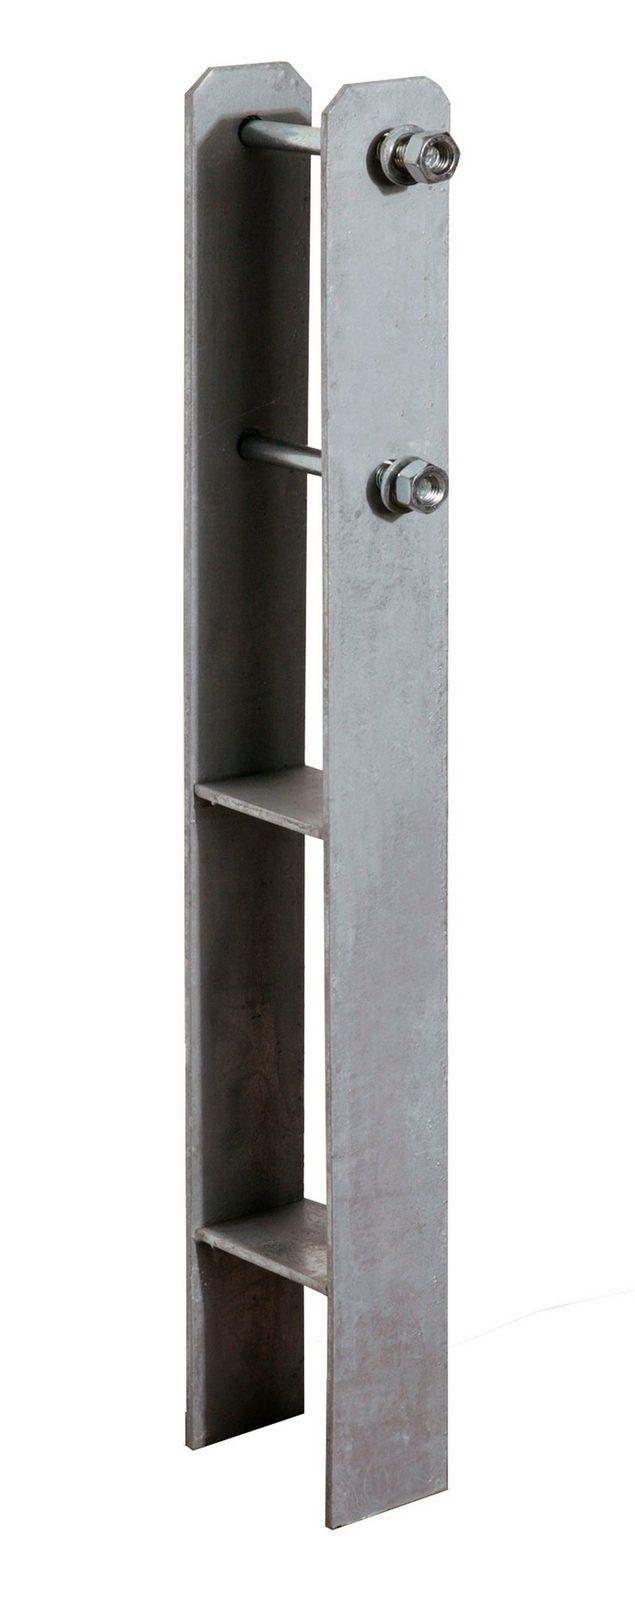 WEKA H-Pfostenanker , für Carports, Stahl